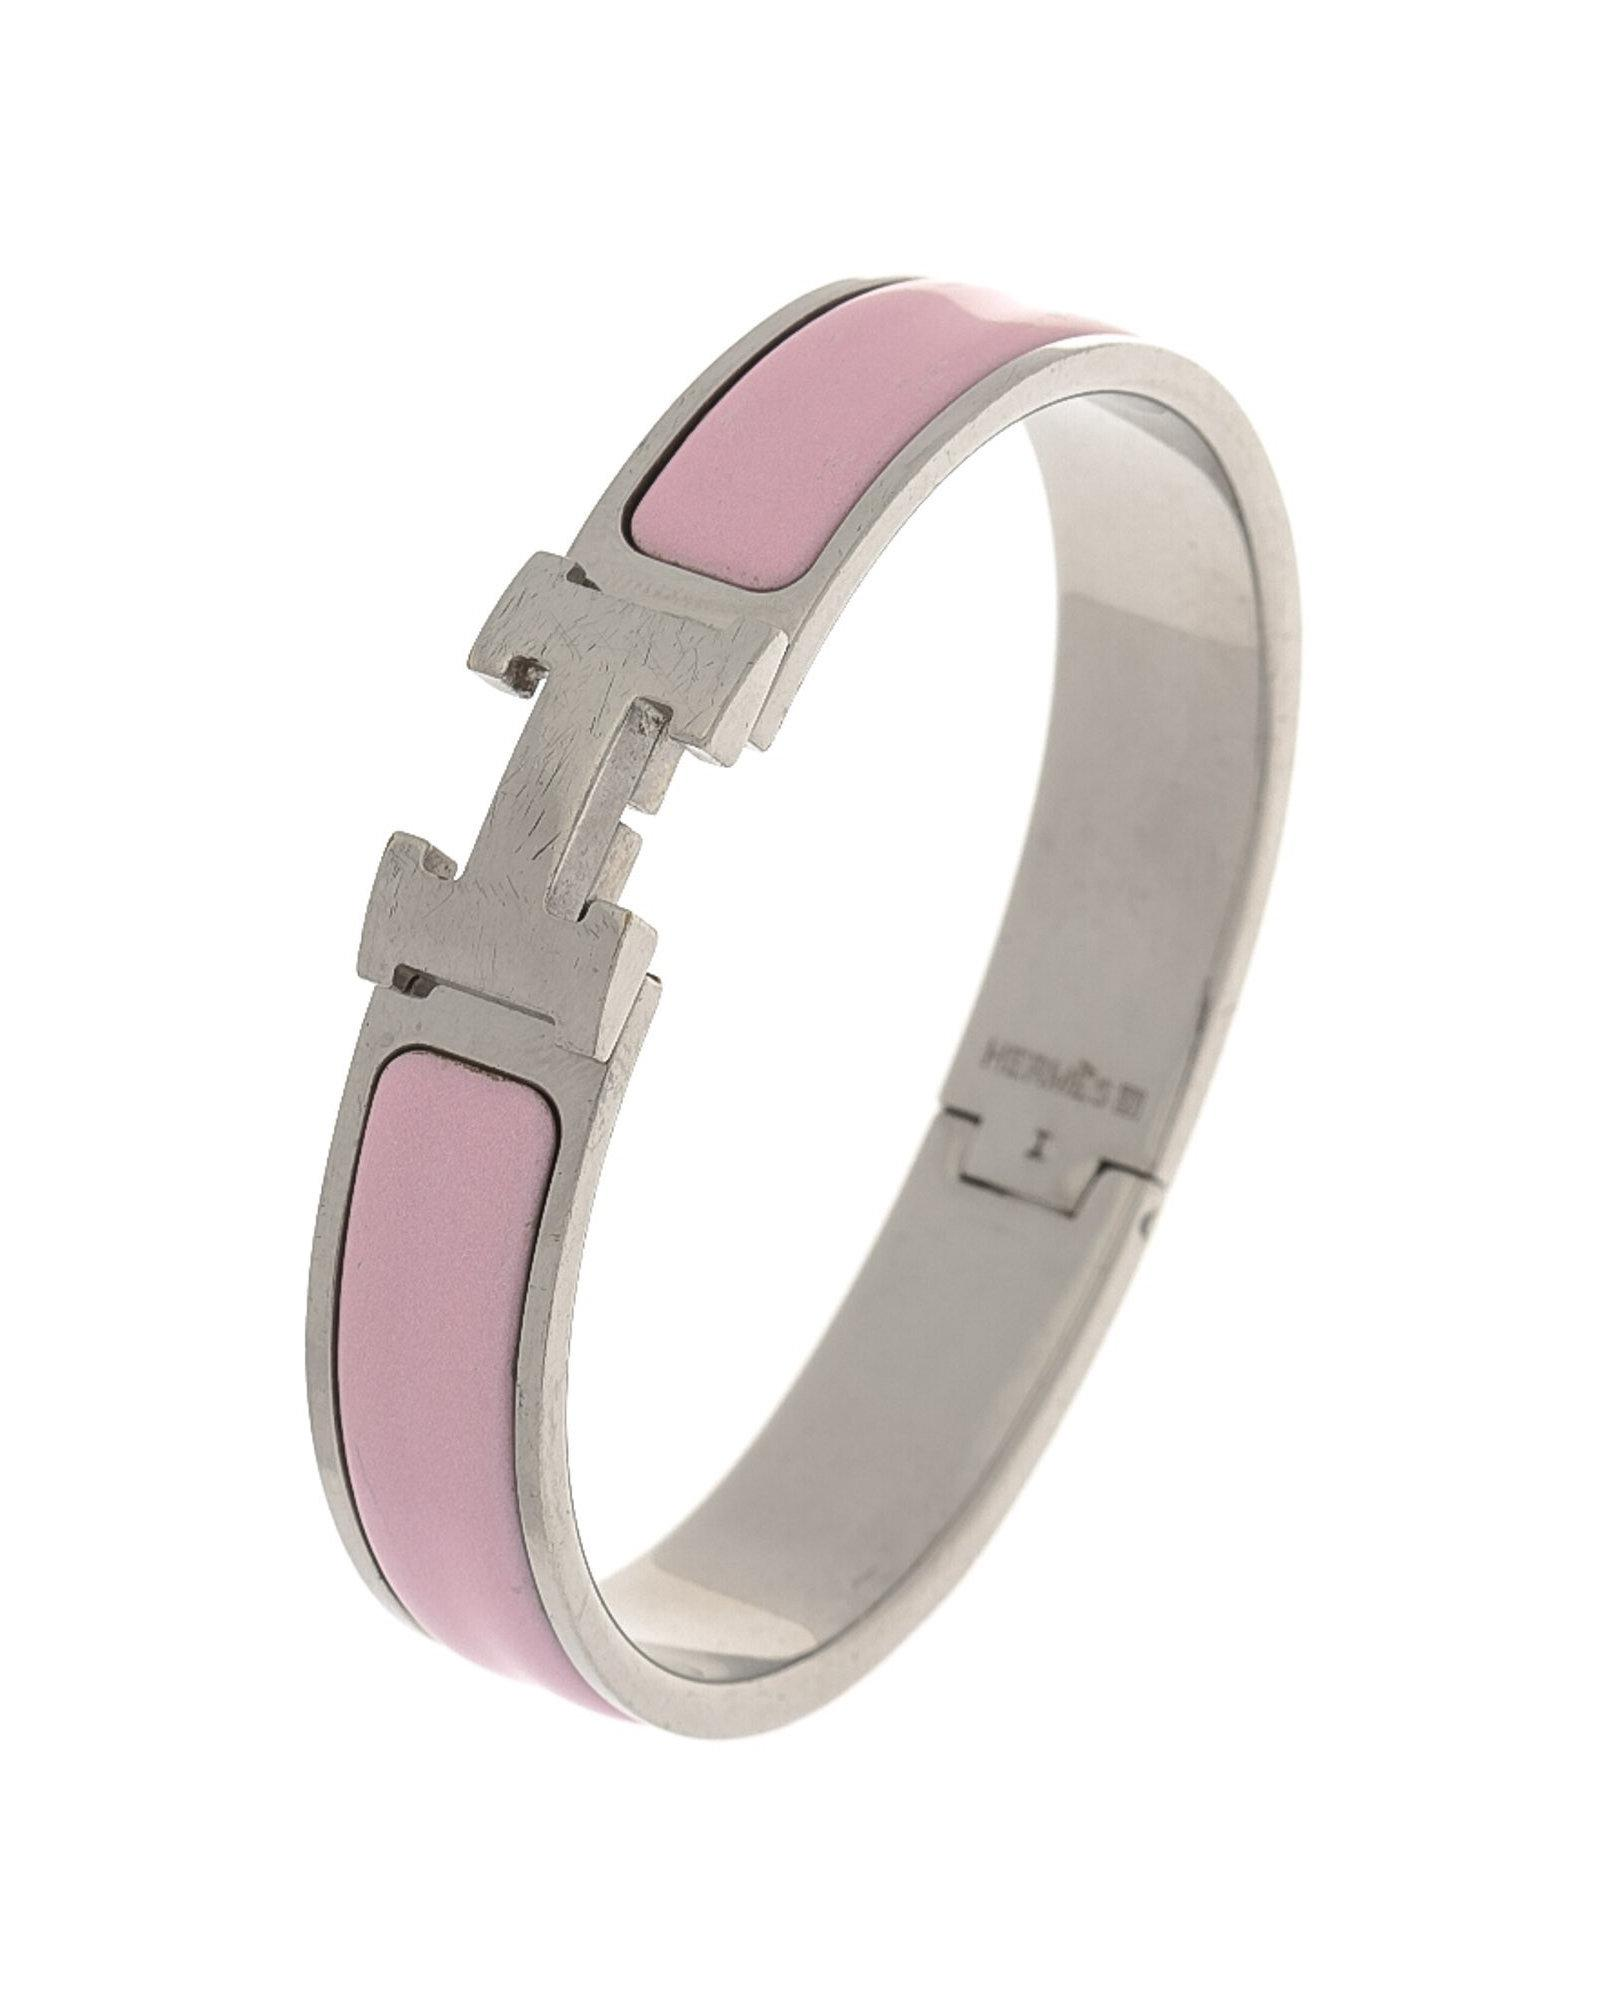 9fb85fecedf Hermès Clic Clac H Bangle - Vintage in Pink - Lyst